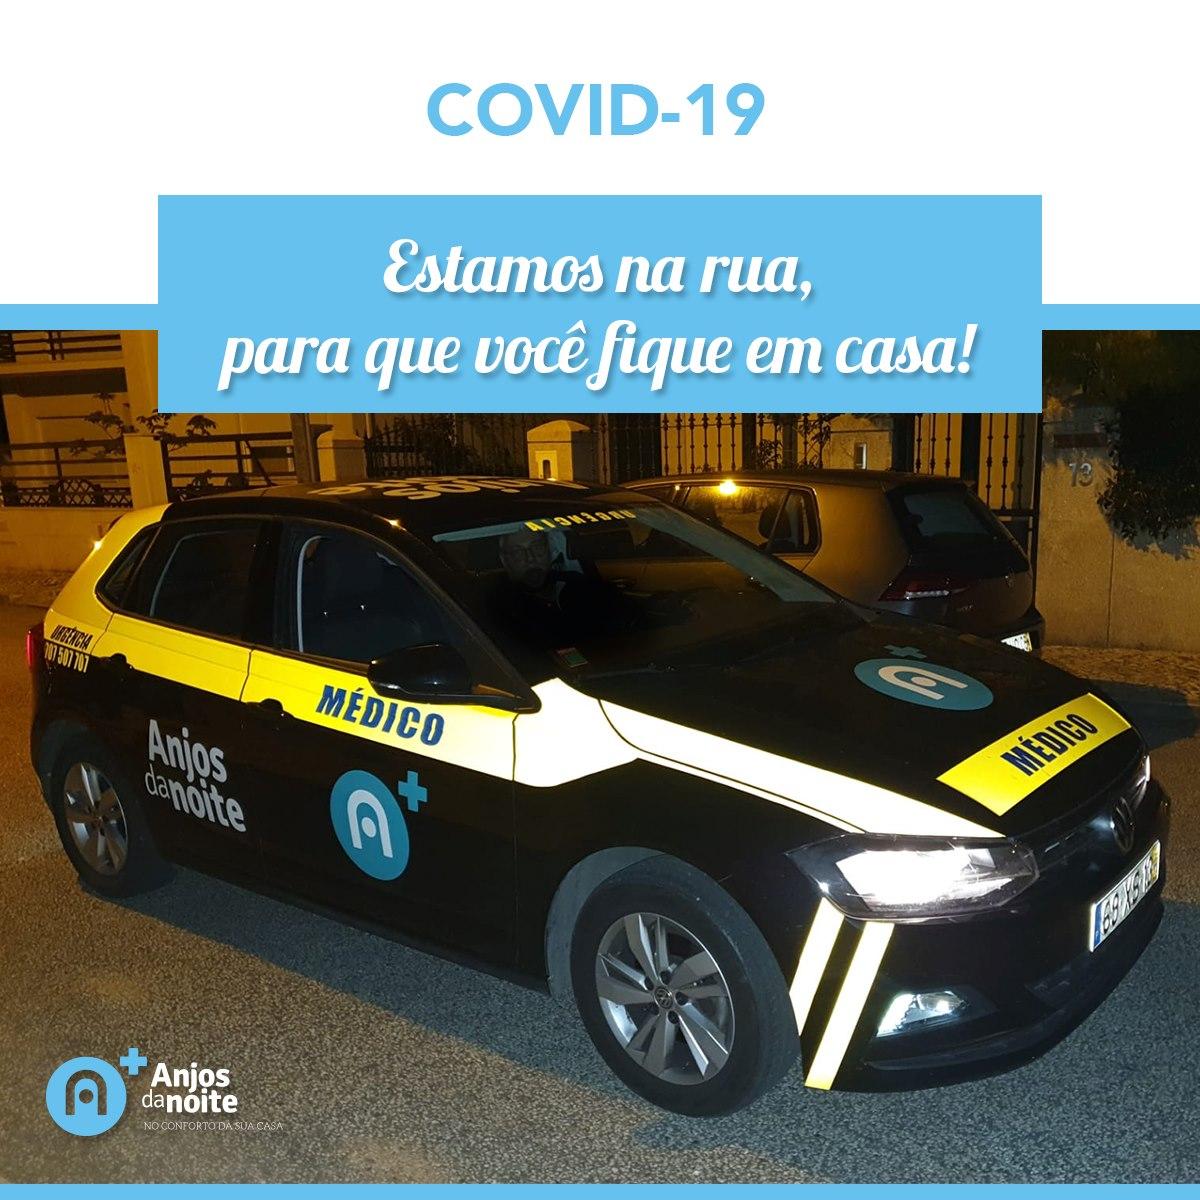 COVID-19 | Assistência Médica ao Domicílio